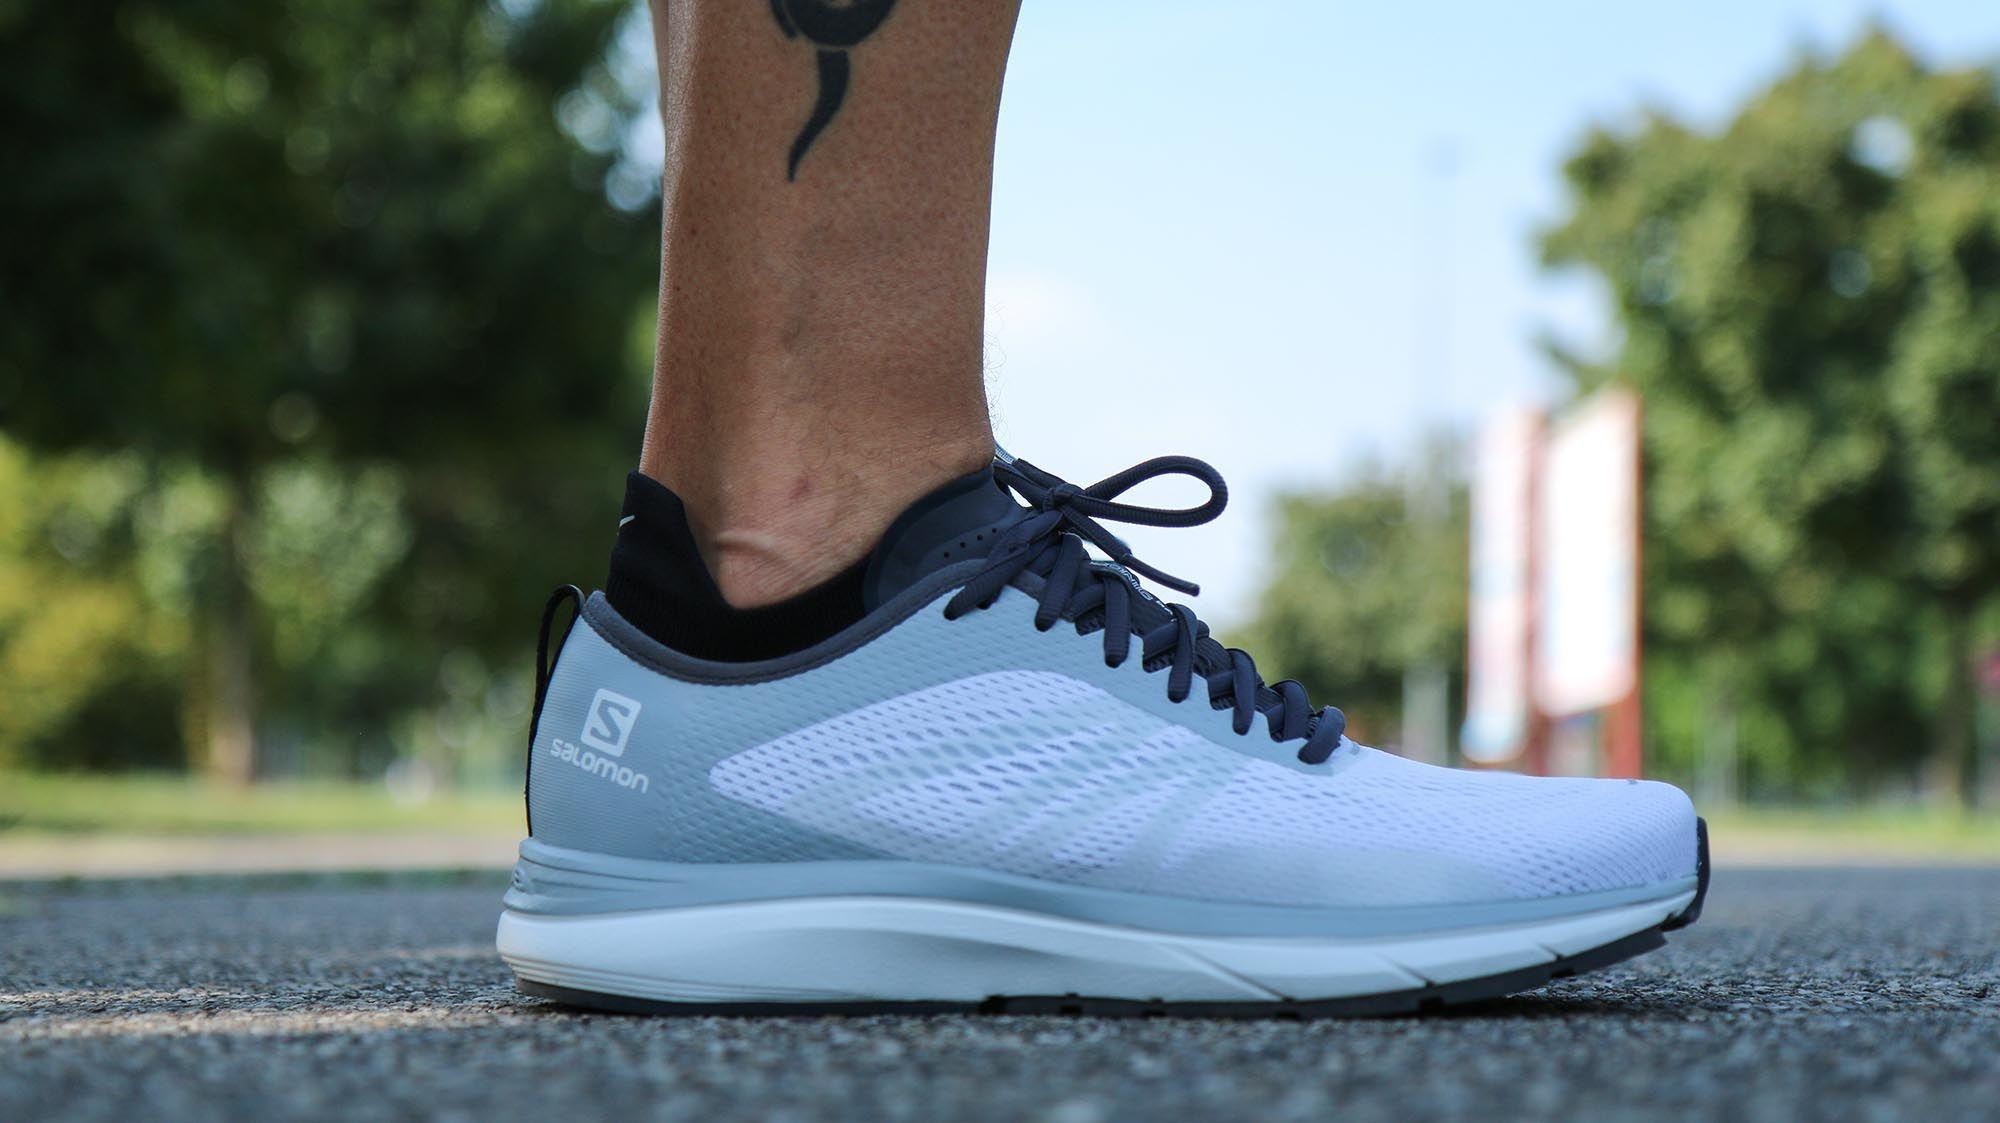 scarpe sonicra2 di salomon